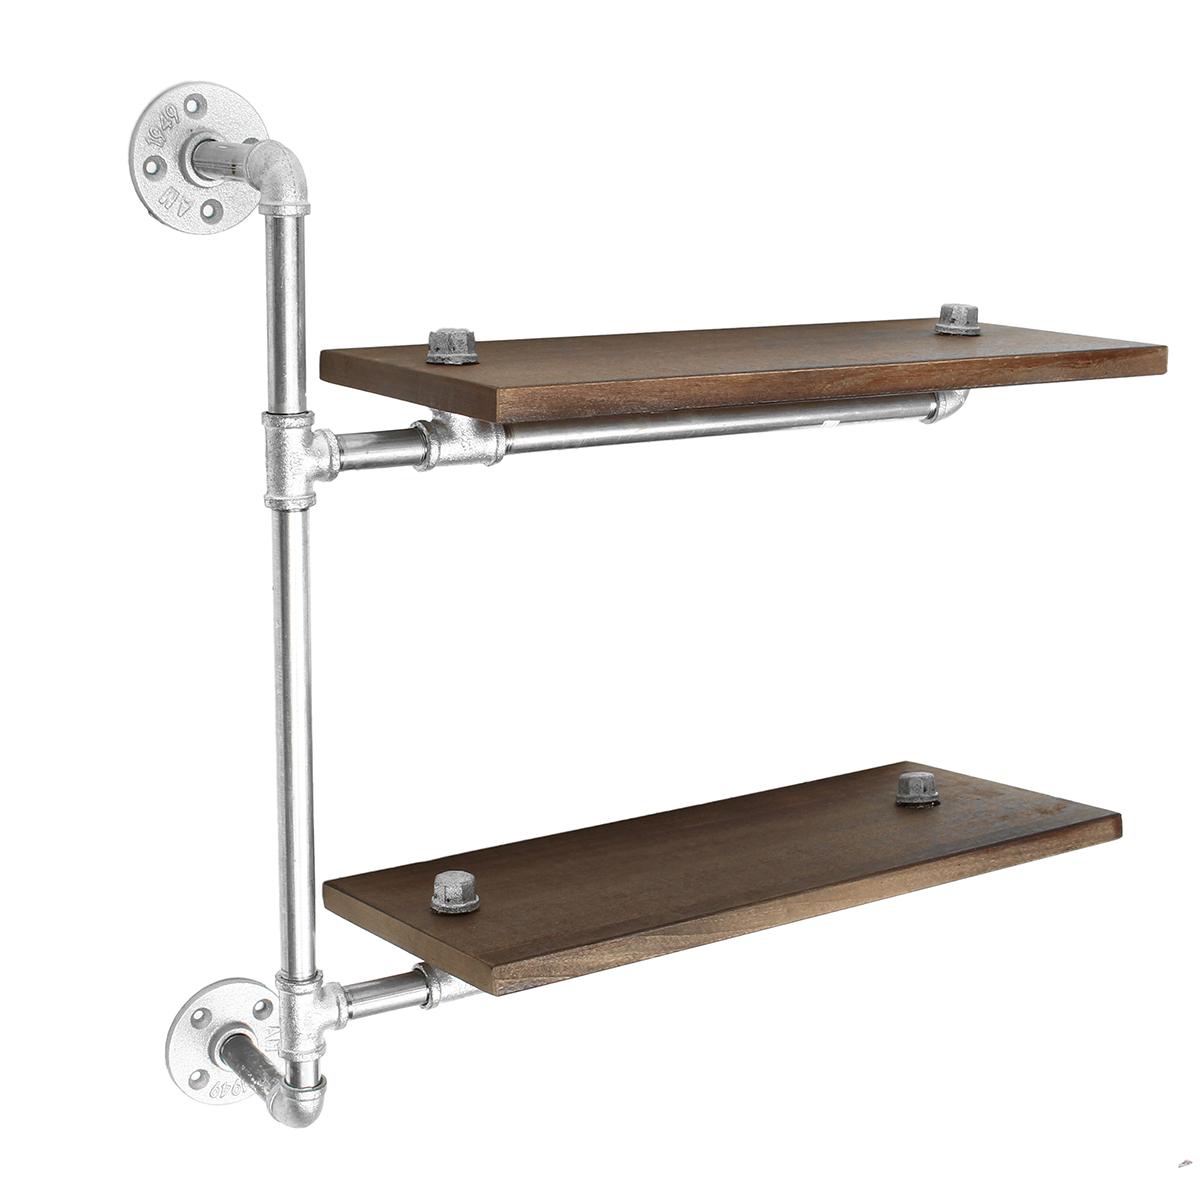 2 Tier Industrial Pipe Wall Shelf Bracket Vintage Storage Cupboard Display Shelving Rack